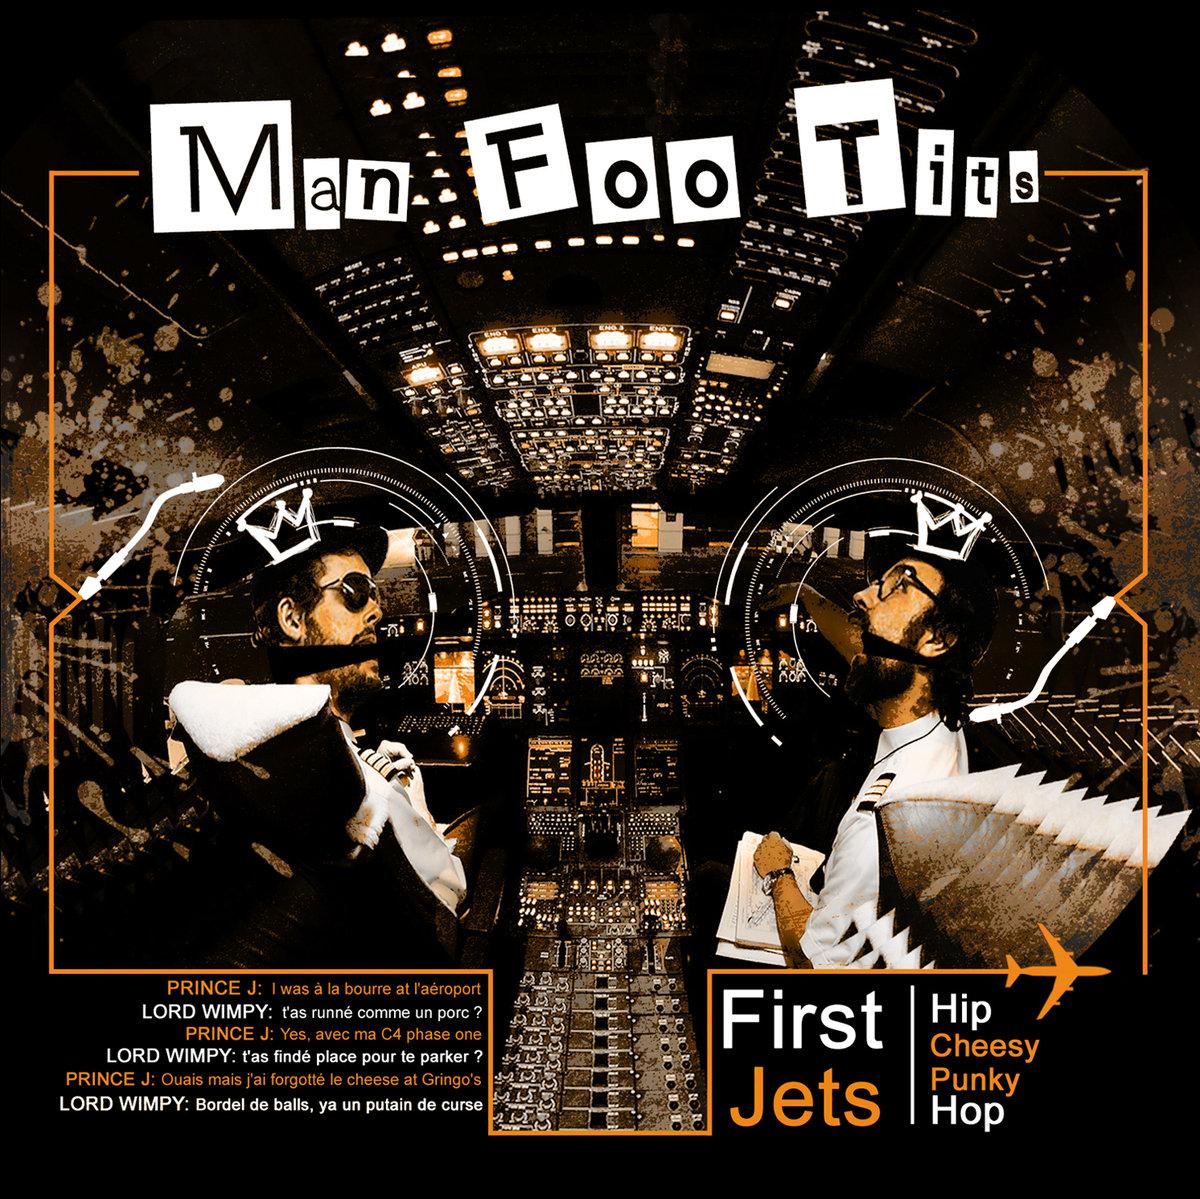 Man Foo Tits – First Jets